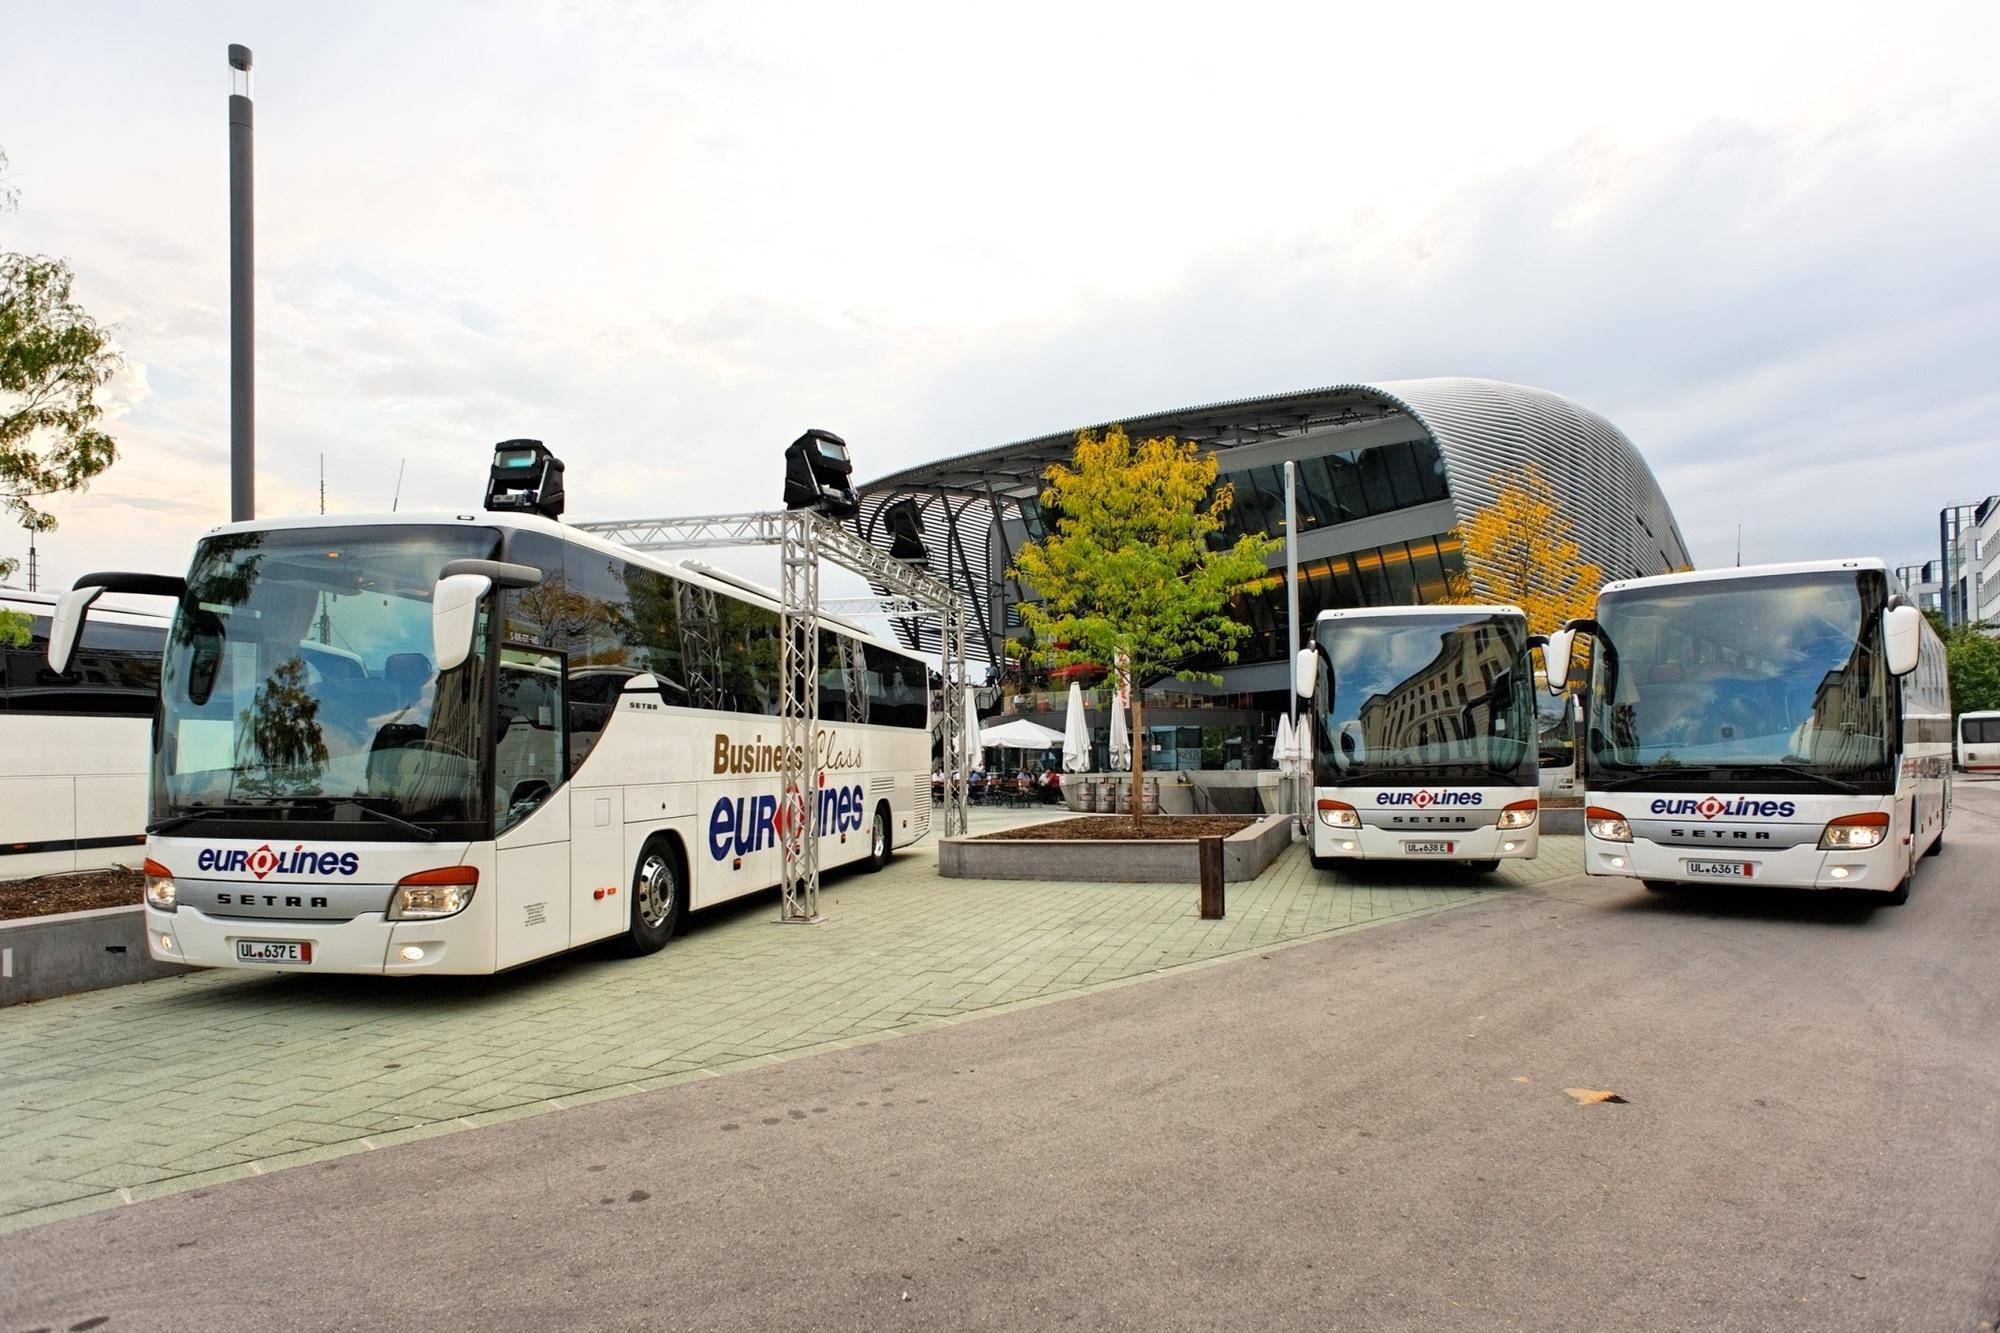 Ratgeber: Fahrgastrechte im Fernbus - Verspätung nicht einfach hinnehmen